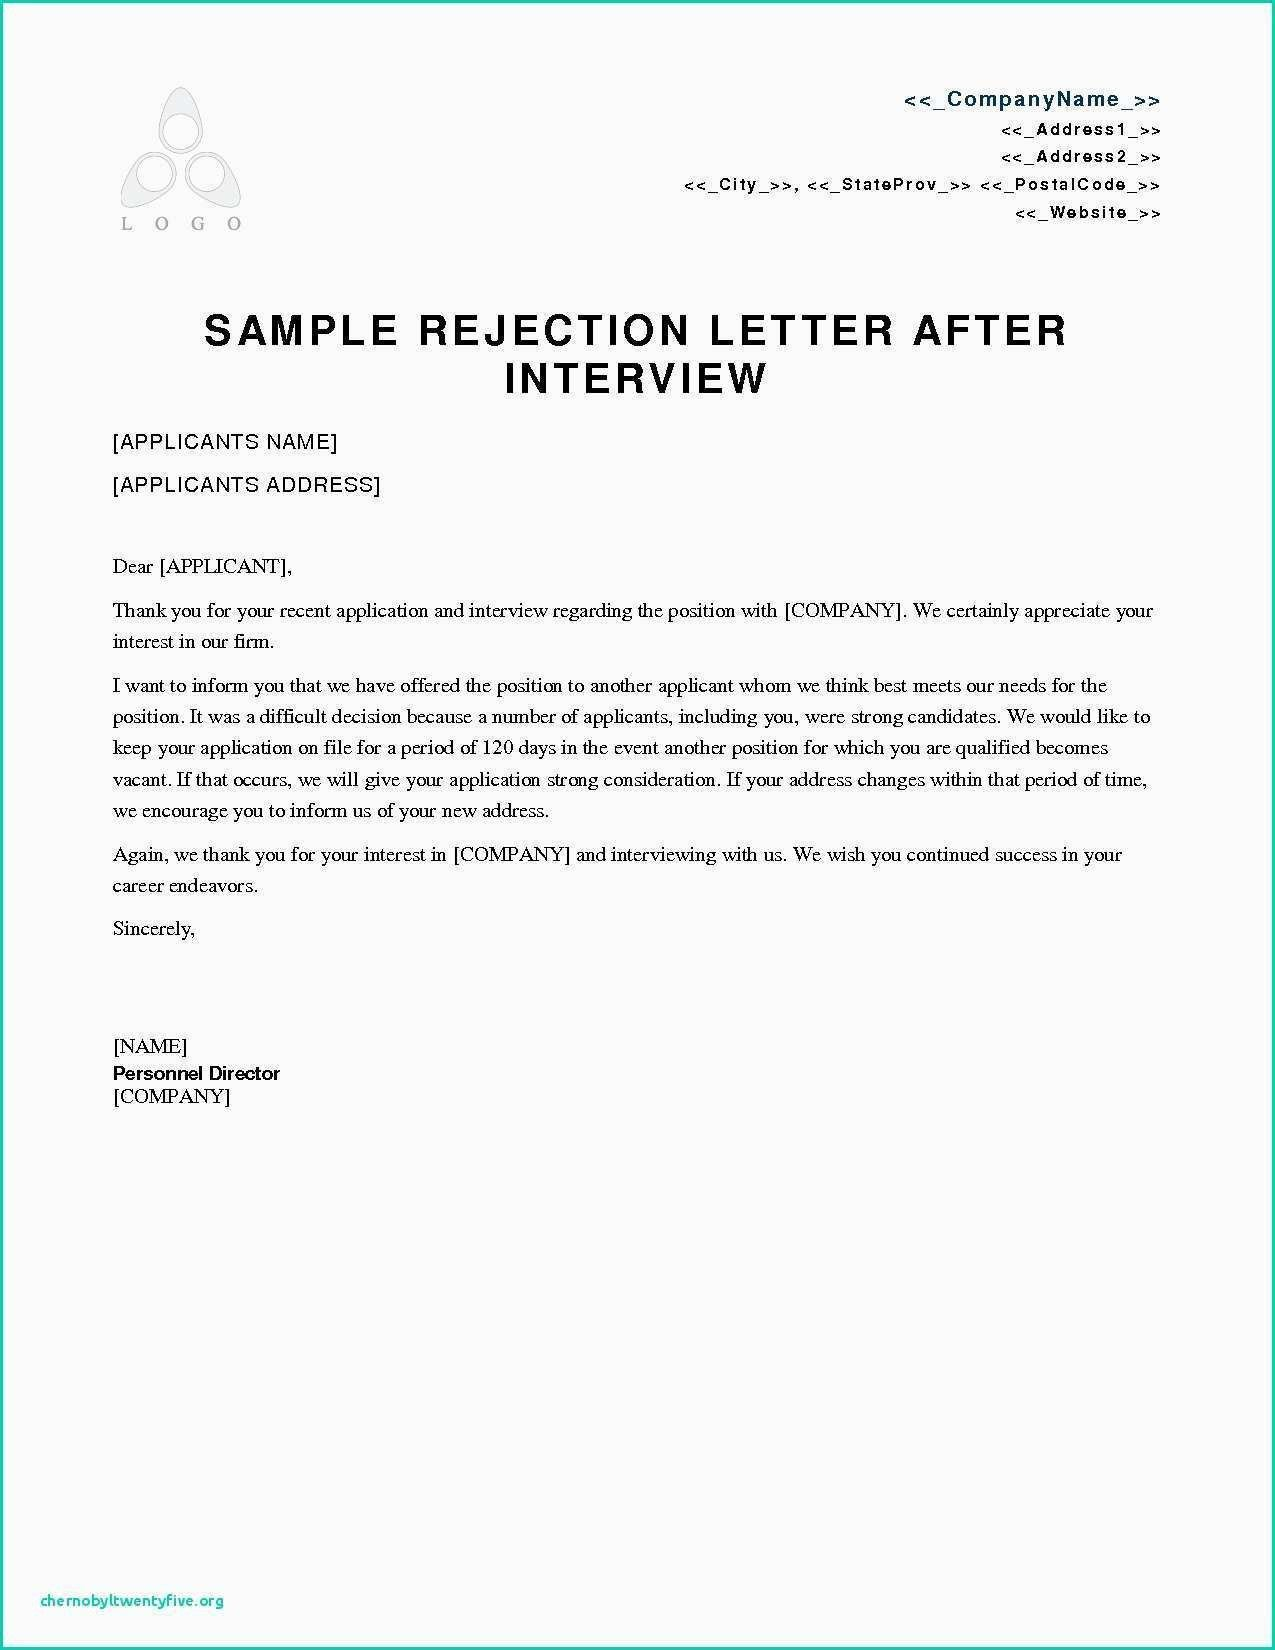 Download Unique Rejection Letter To Job Applicant Lettersample